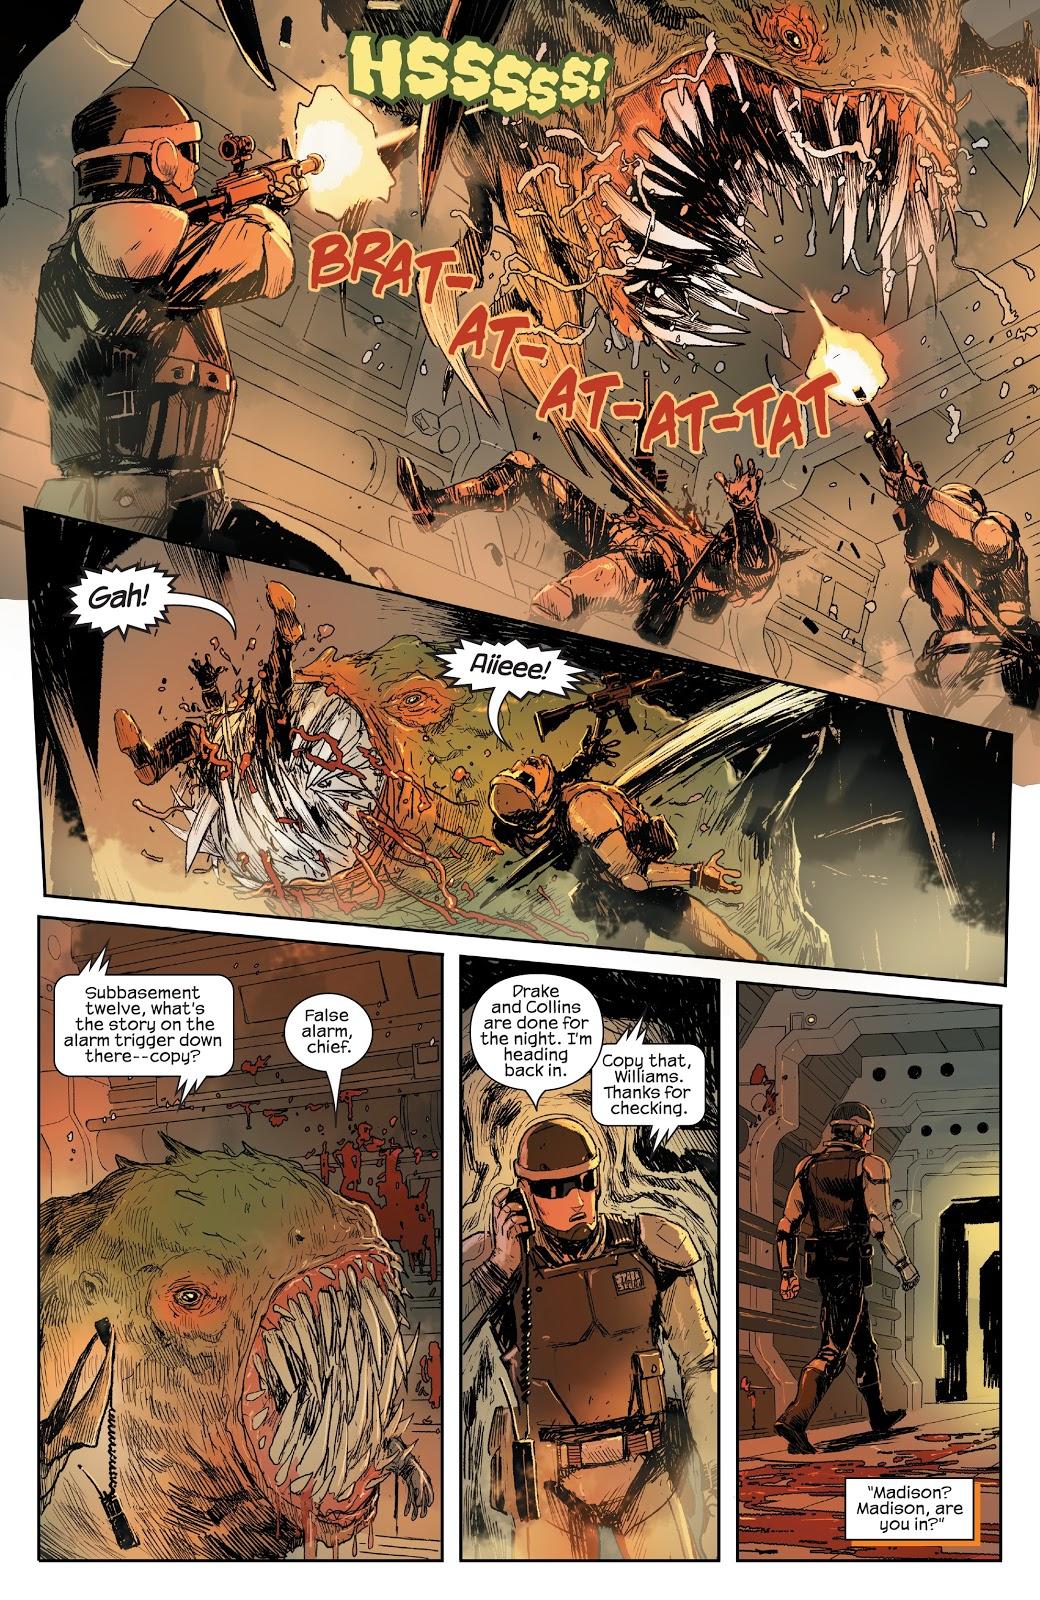 Зачем читать Meet the Skrulls? История осемье пришельцев-шпионов, скрывающихся наЗемле | Канобу - Изображение 5